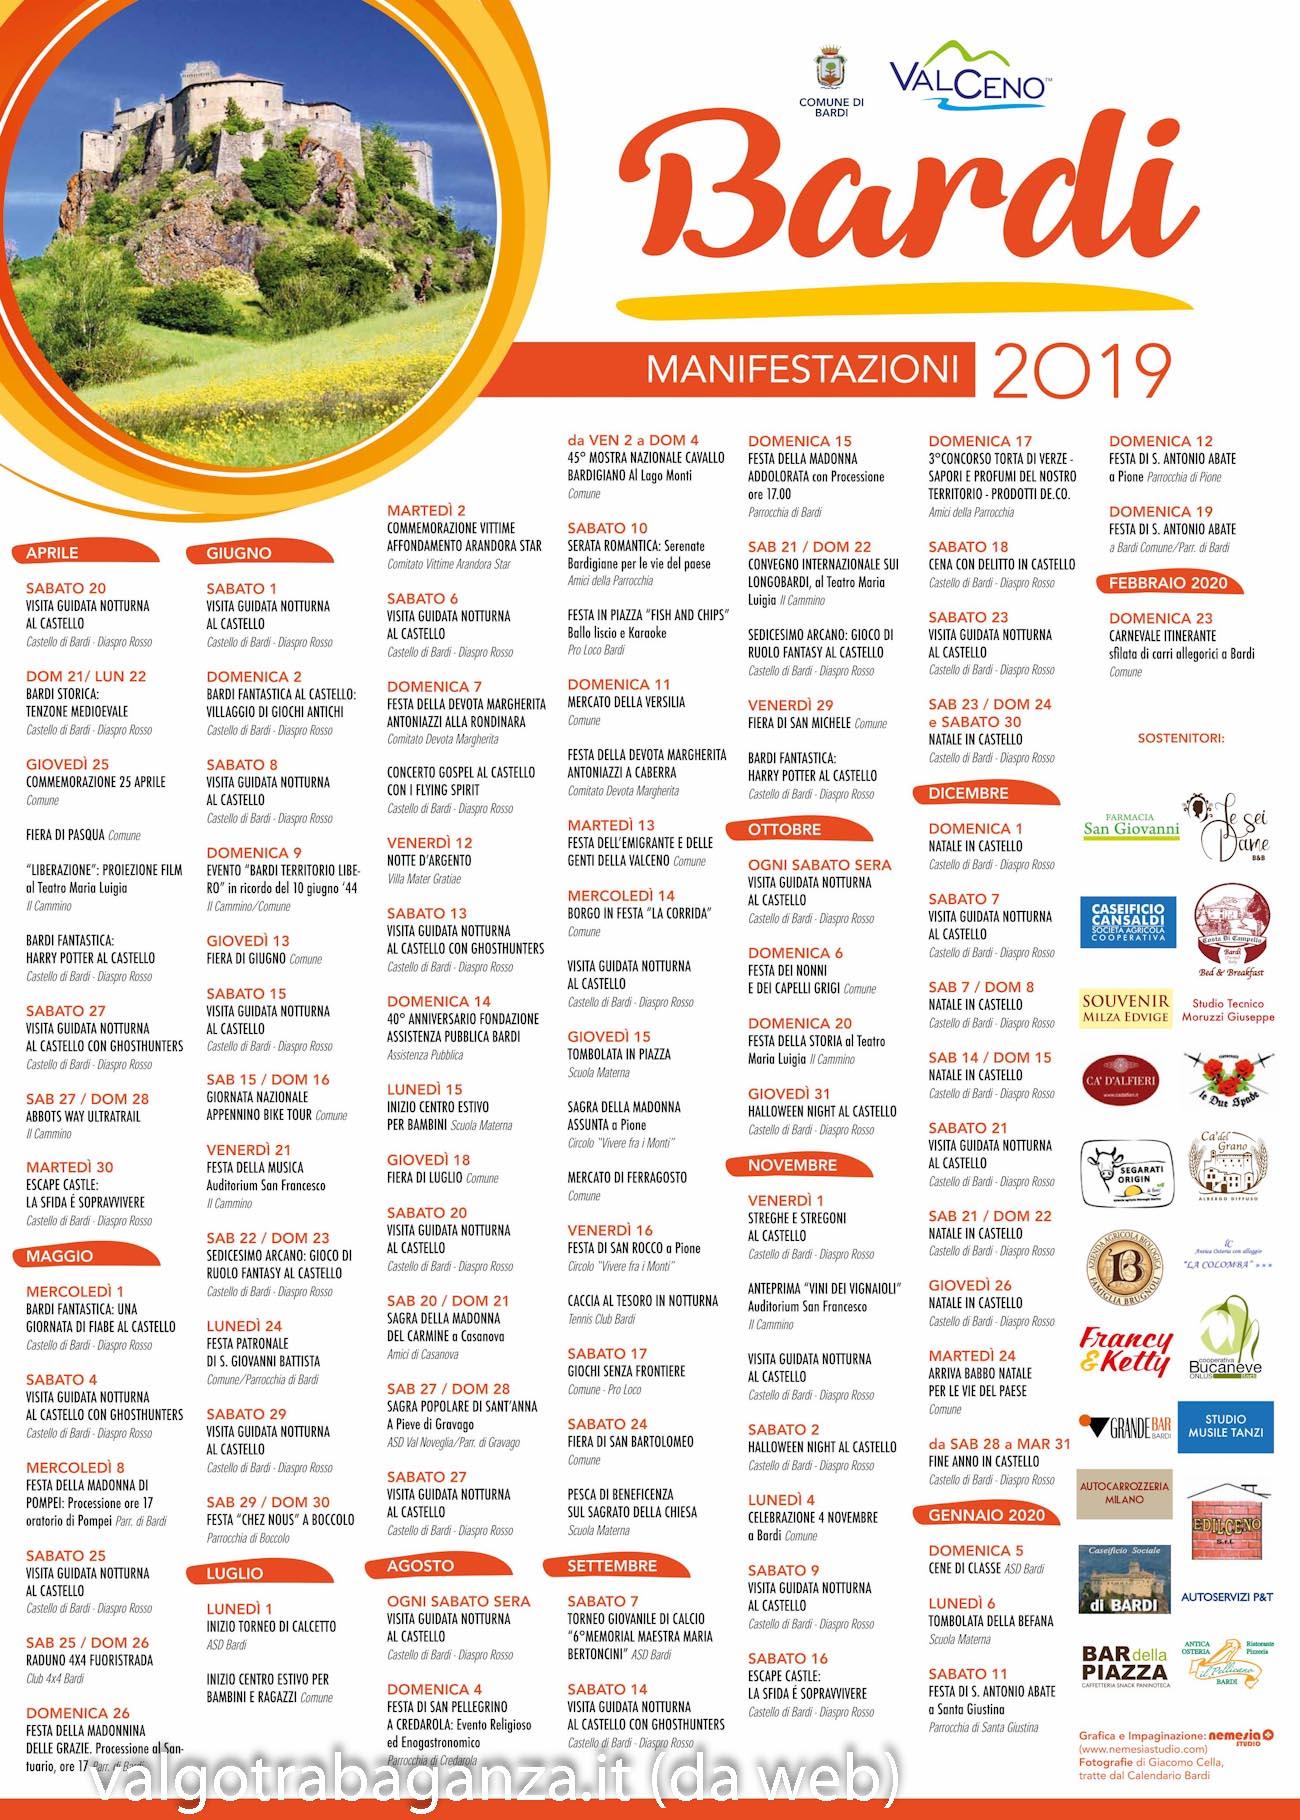 Calendario Lunare Capelli Febbraio 2020.Bardi Parma Eventi Appuntamenti E Manifestazioni 2019